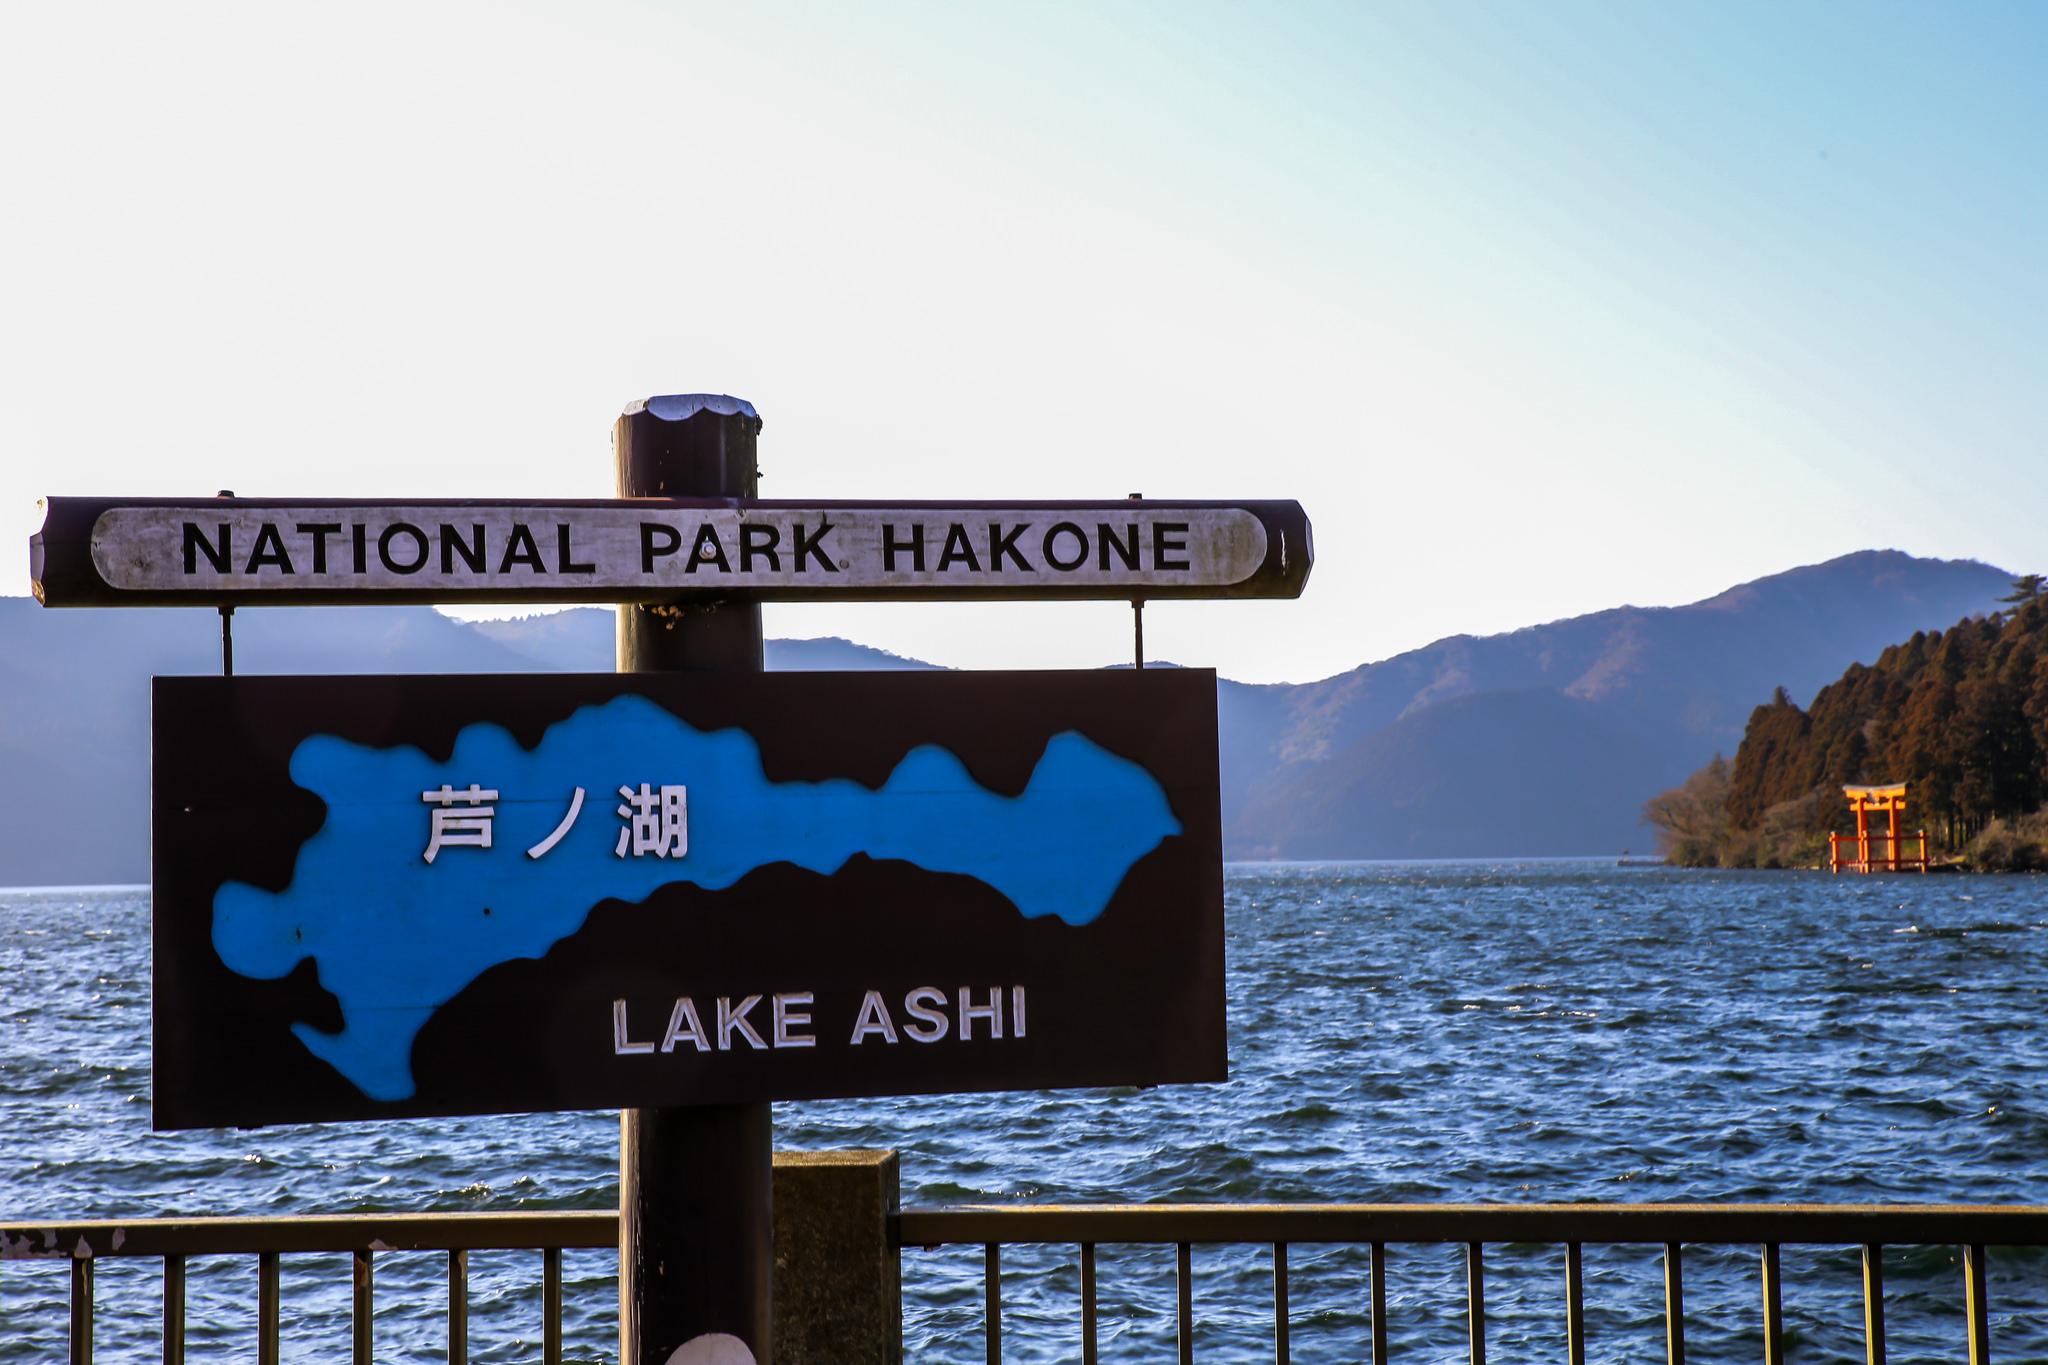 Lake Ashi and the Hakone Shrine, Japan